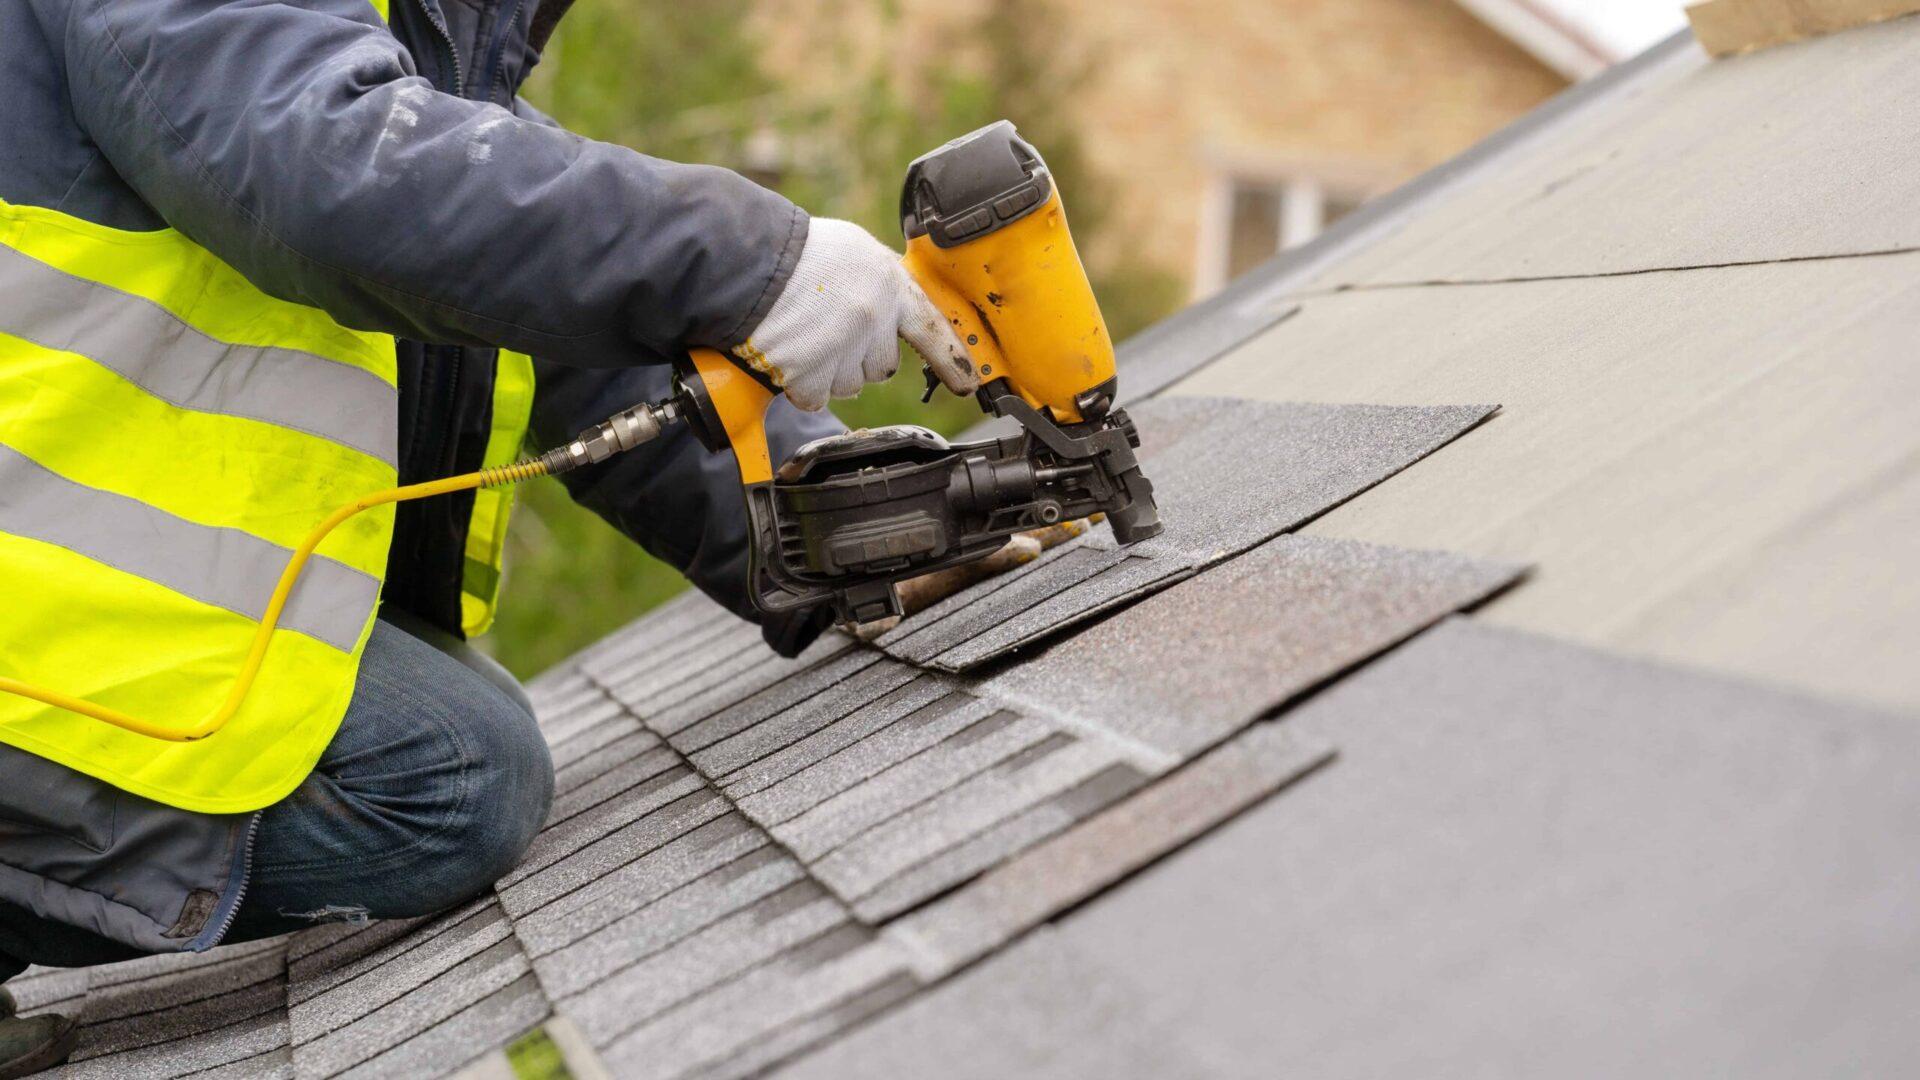 Austin Emergency Roof Repair Experts